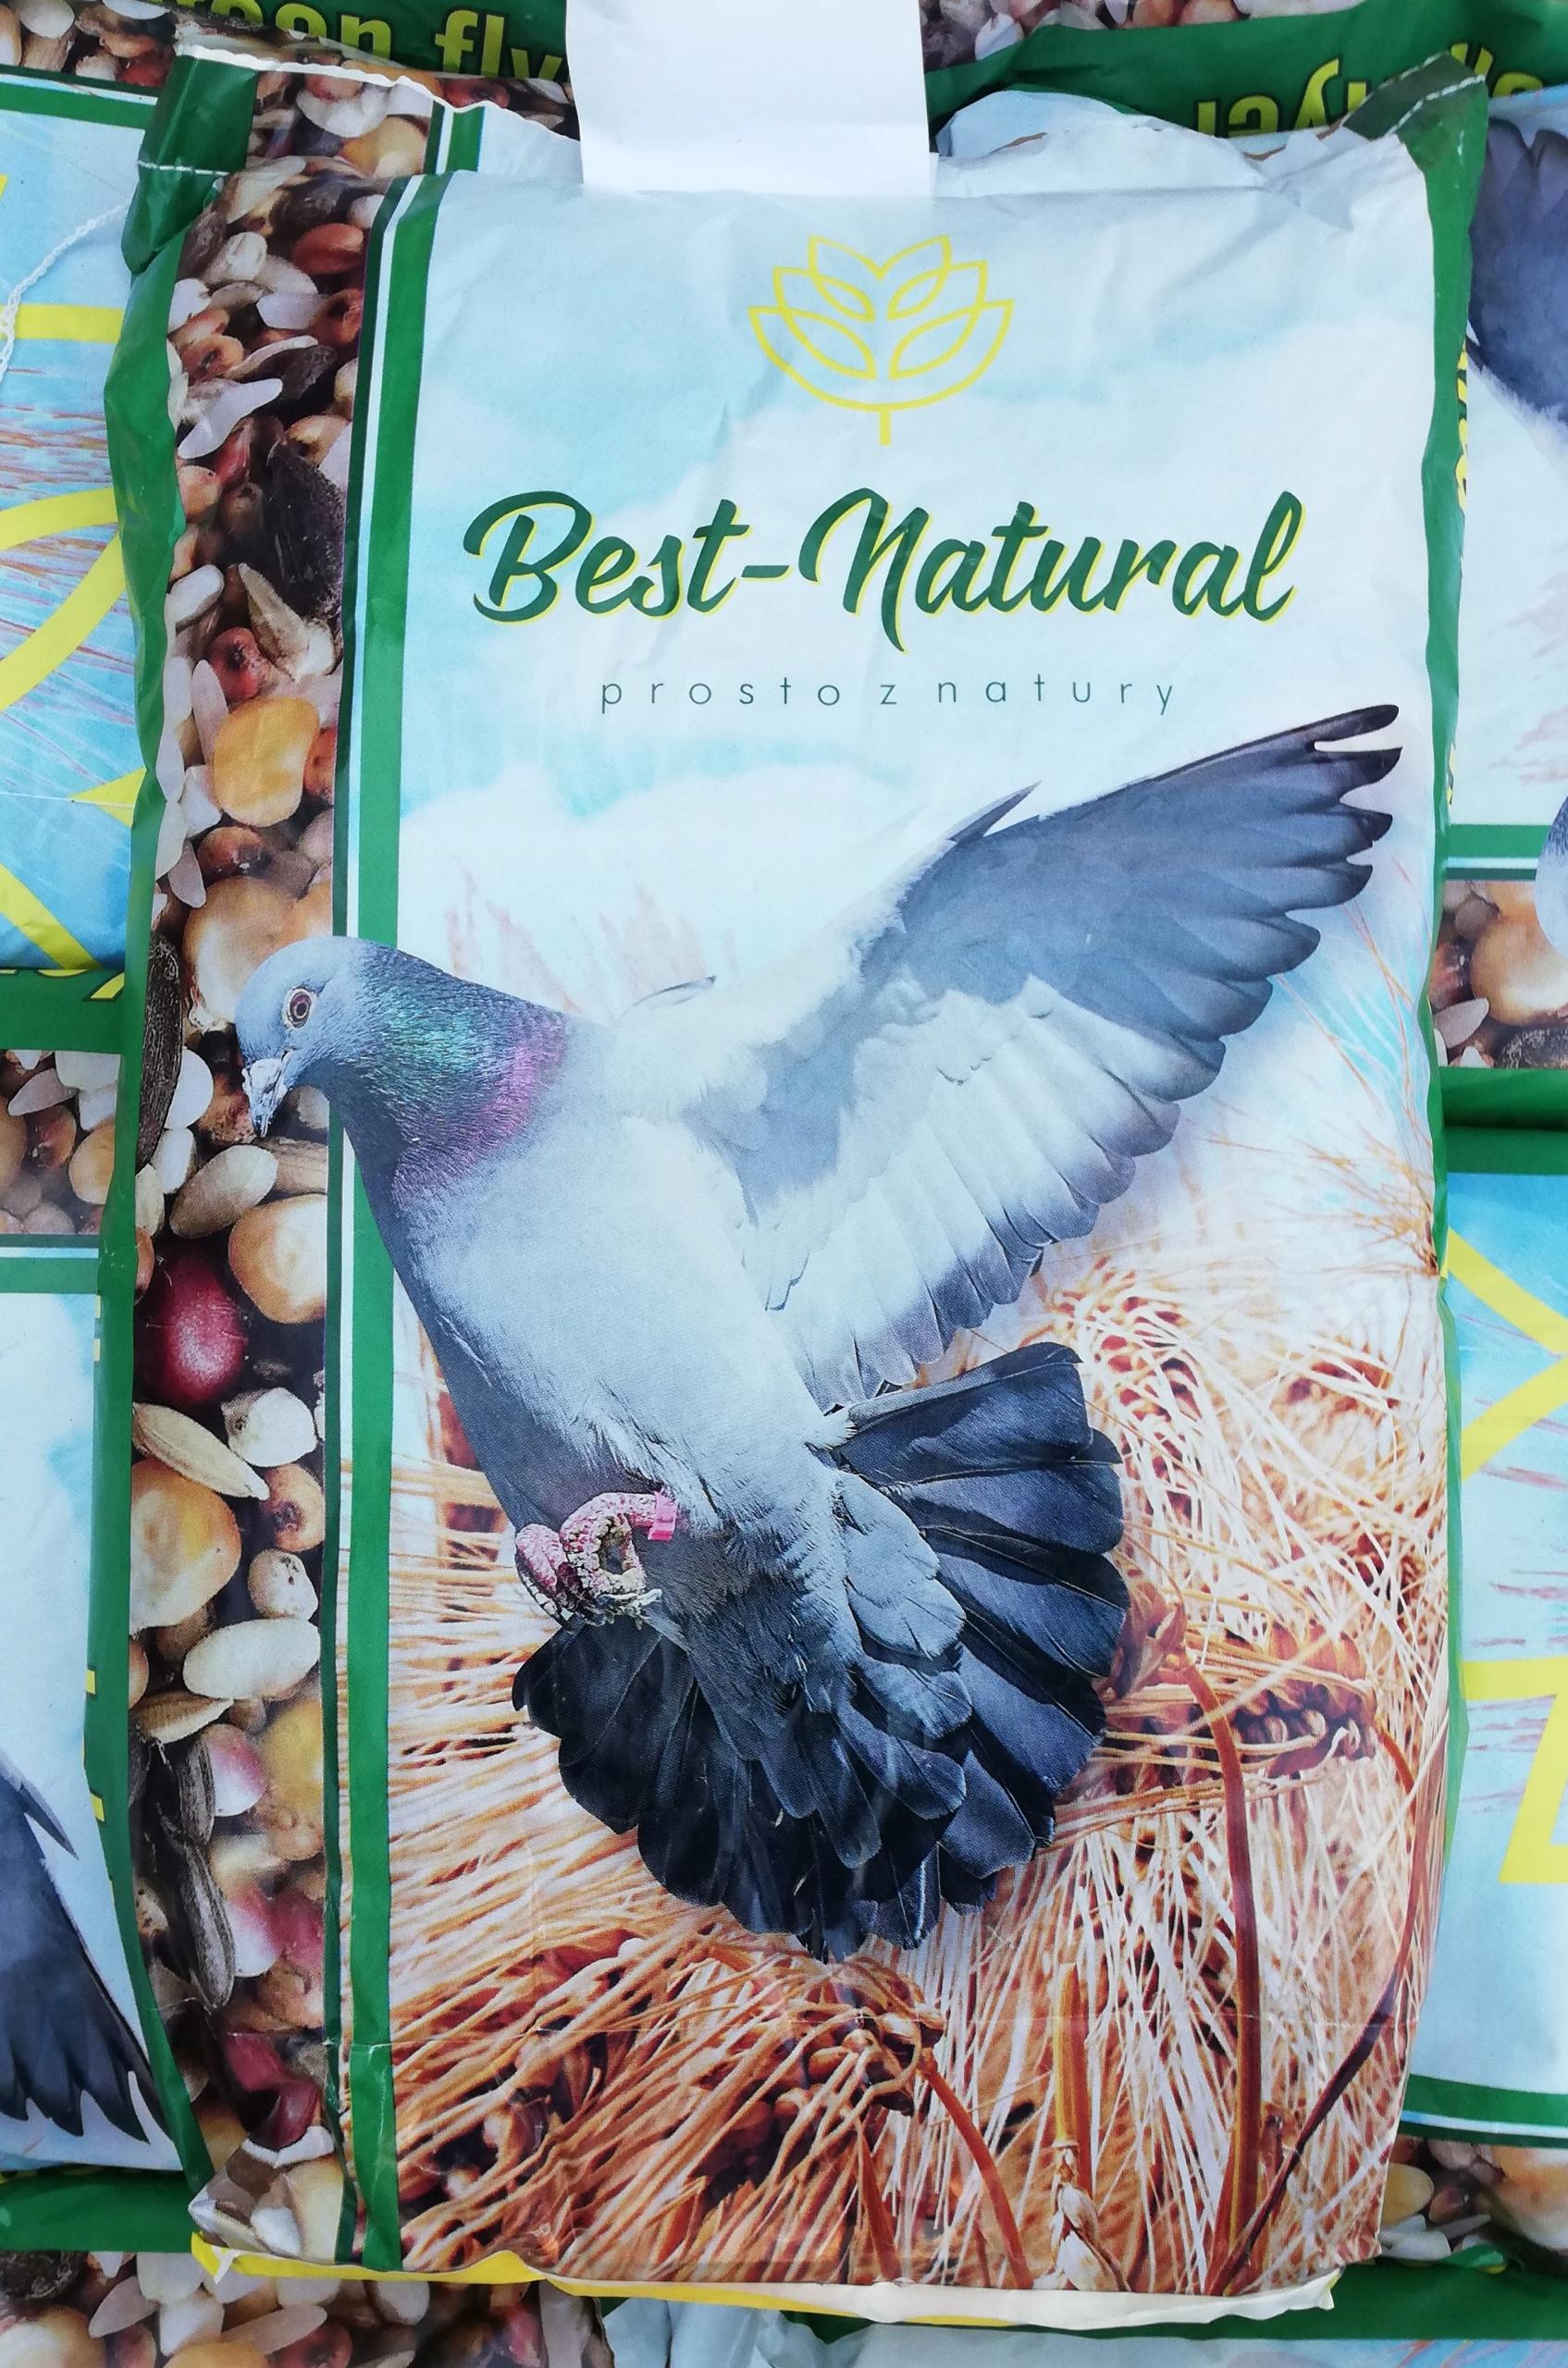 Best Natural Karma Dla Golebi B Kukurydzy Bk 20kg Cena 47 Zl Allegro Pl Sandomierz Stan Nowy Id Oferty 9620639208